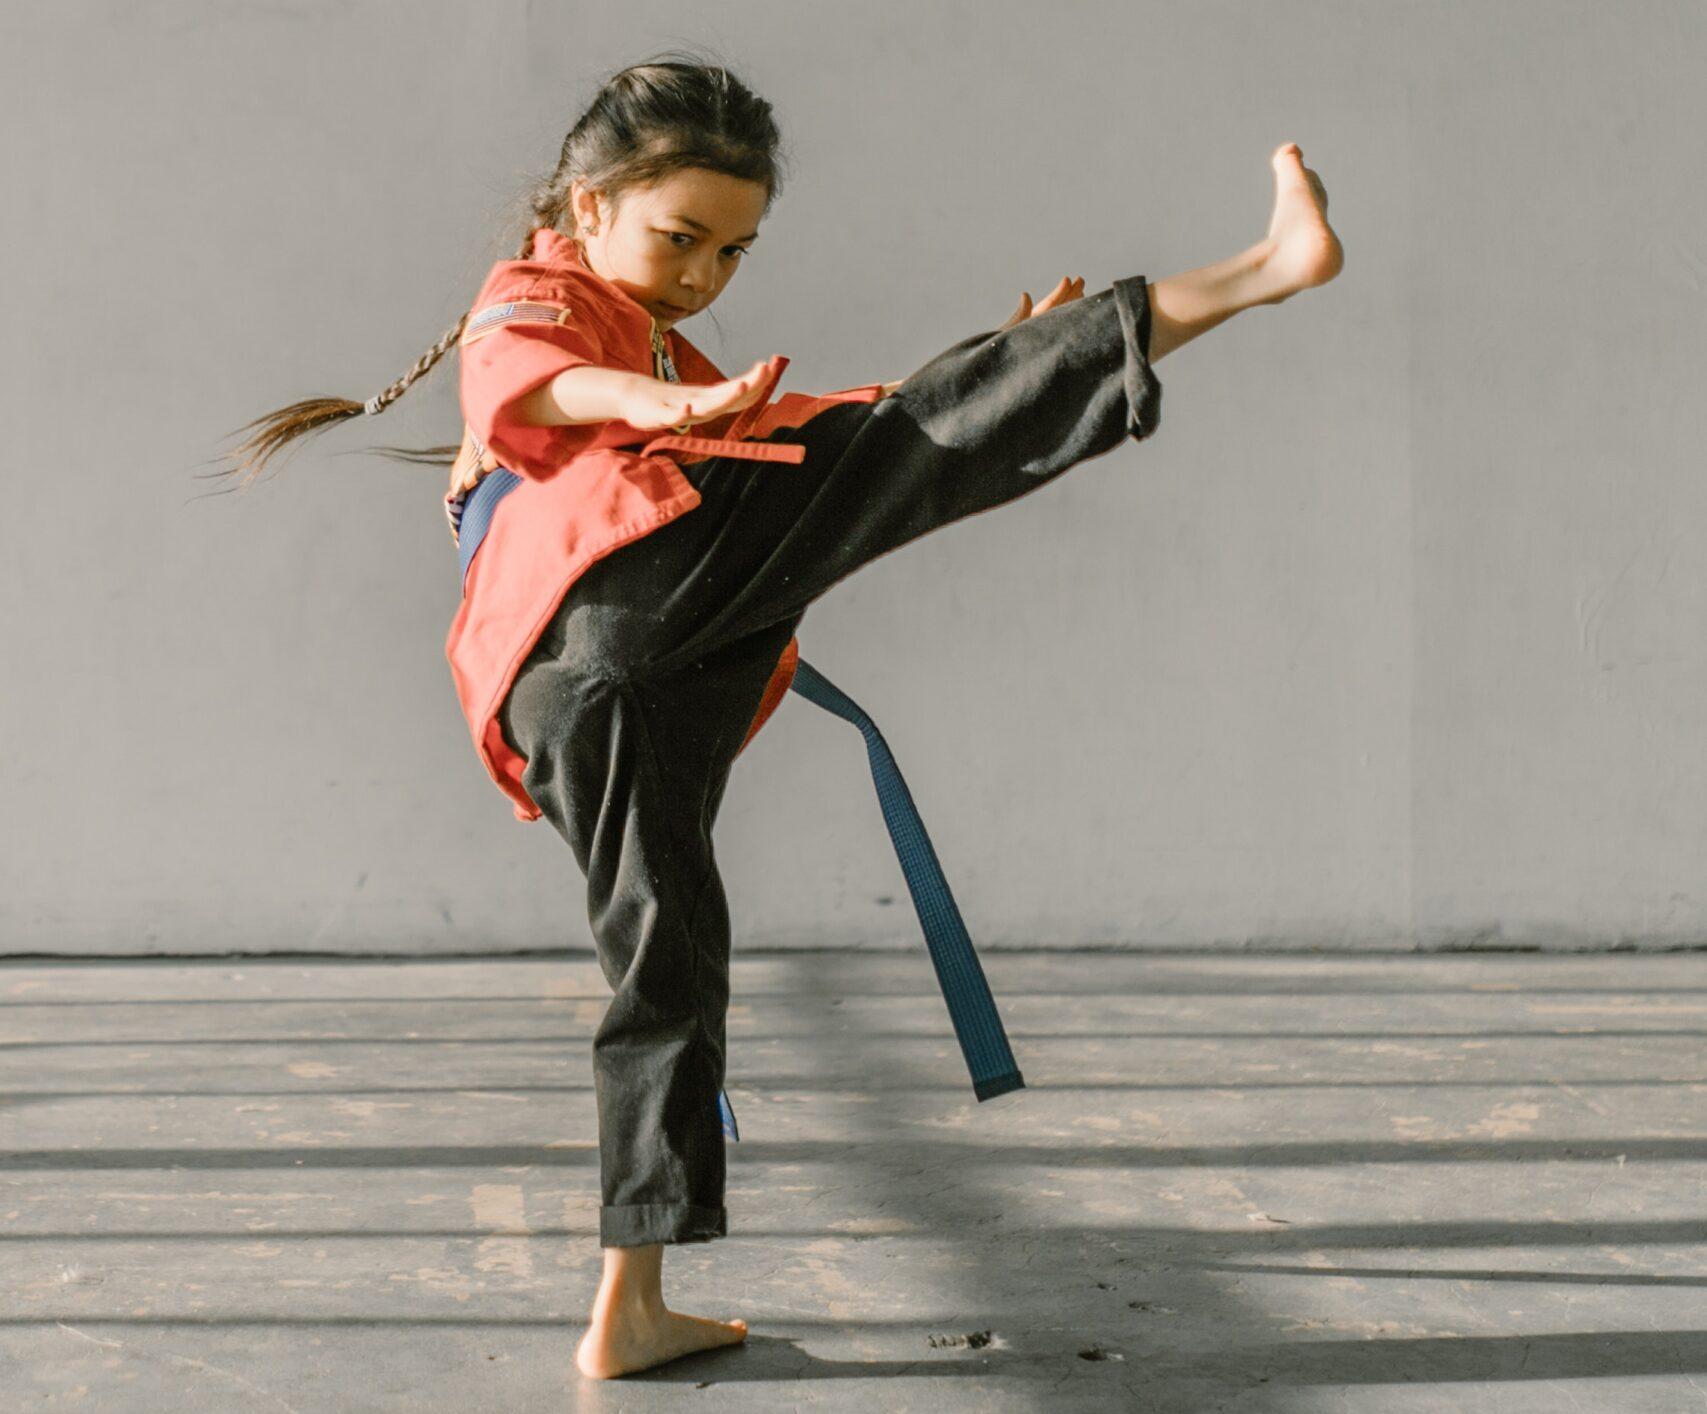 Dziewczynka w pozie jiu-jitsu, prawą nogą robi wykop w górę.